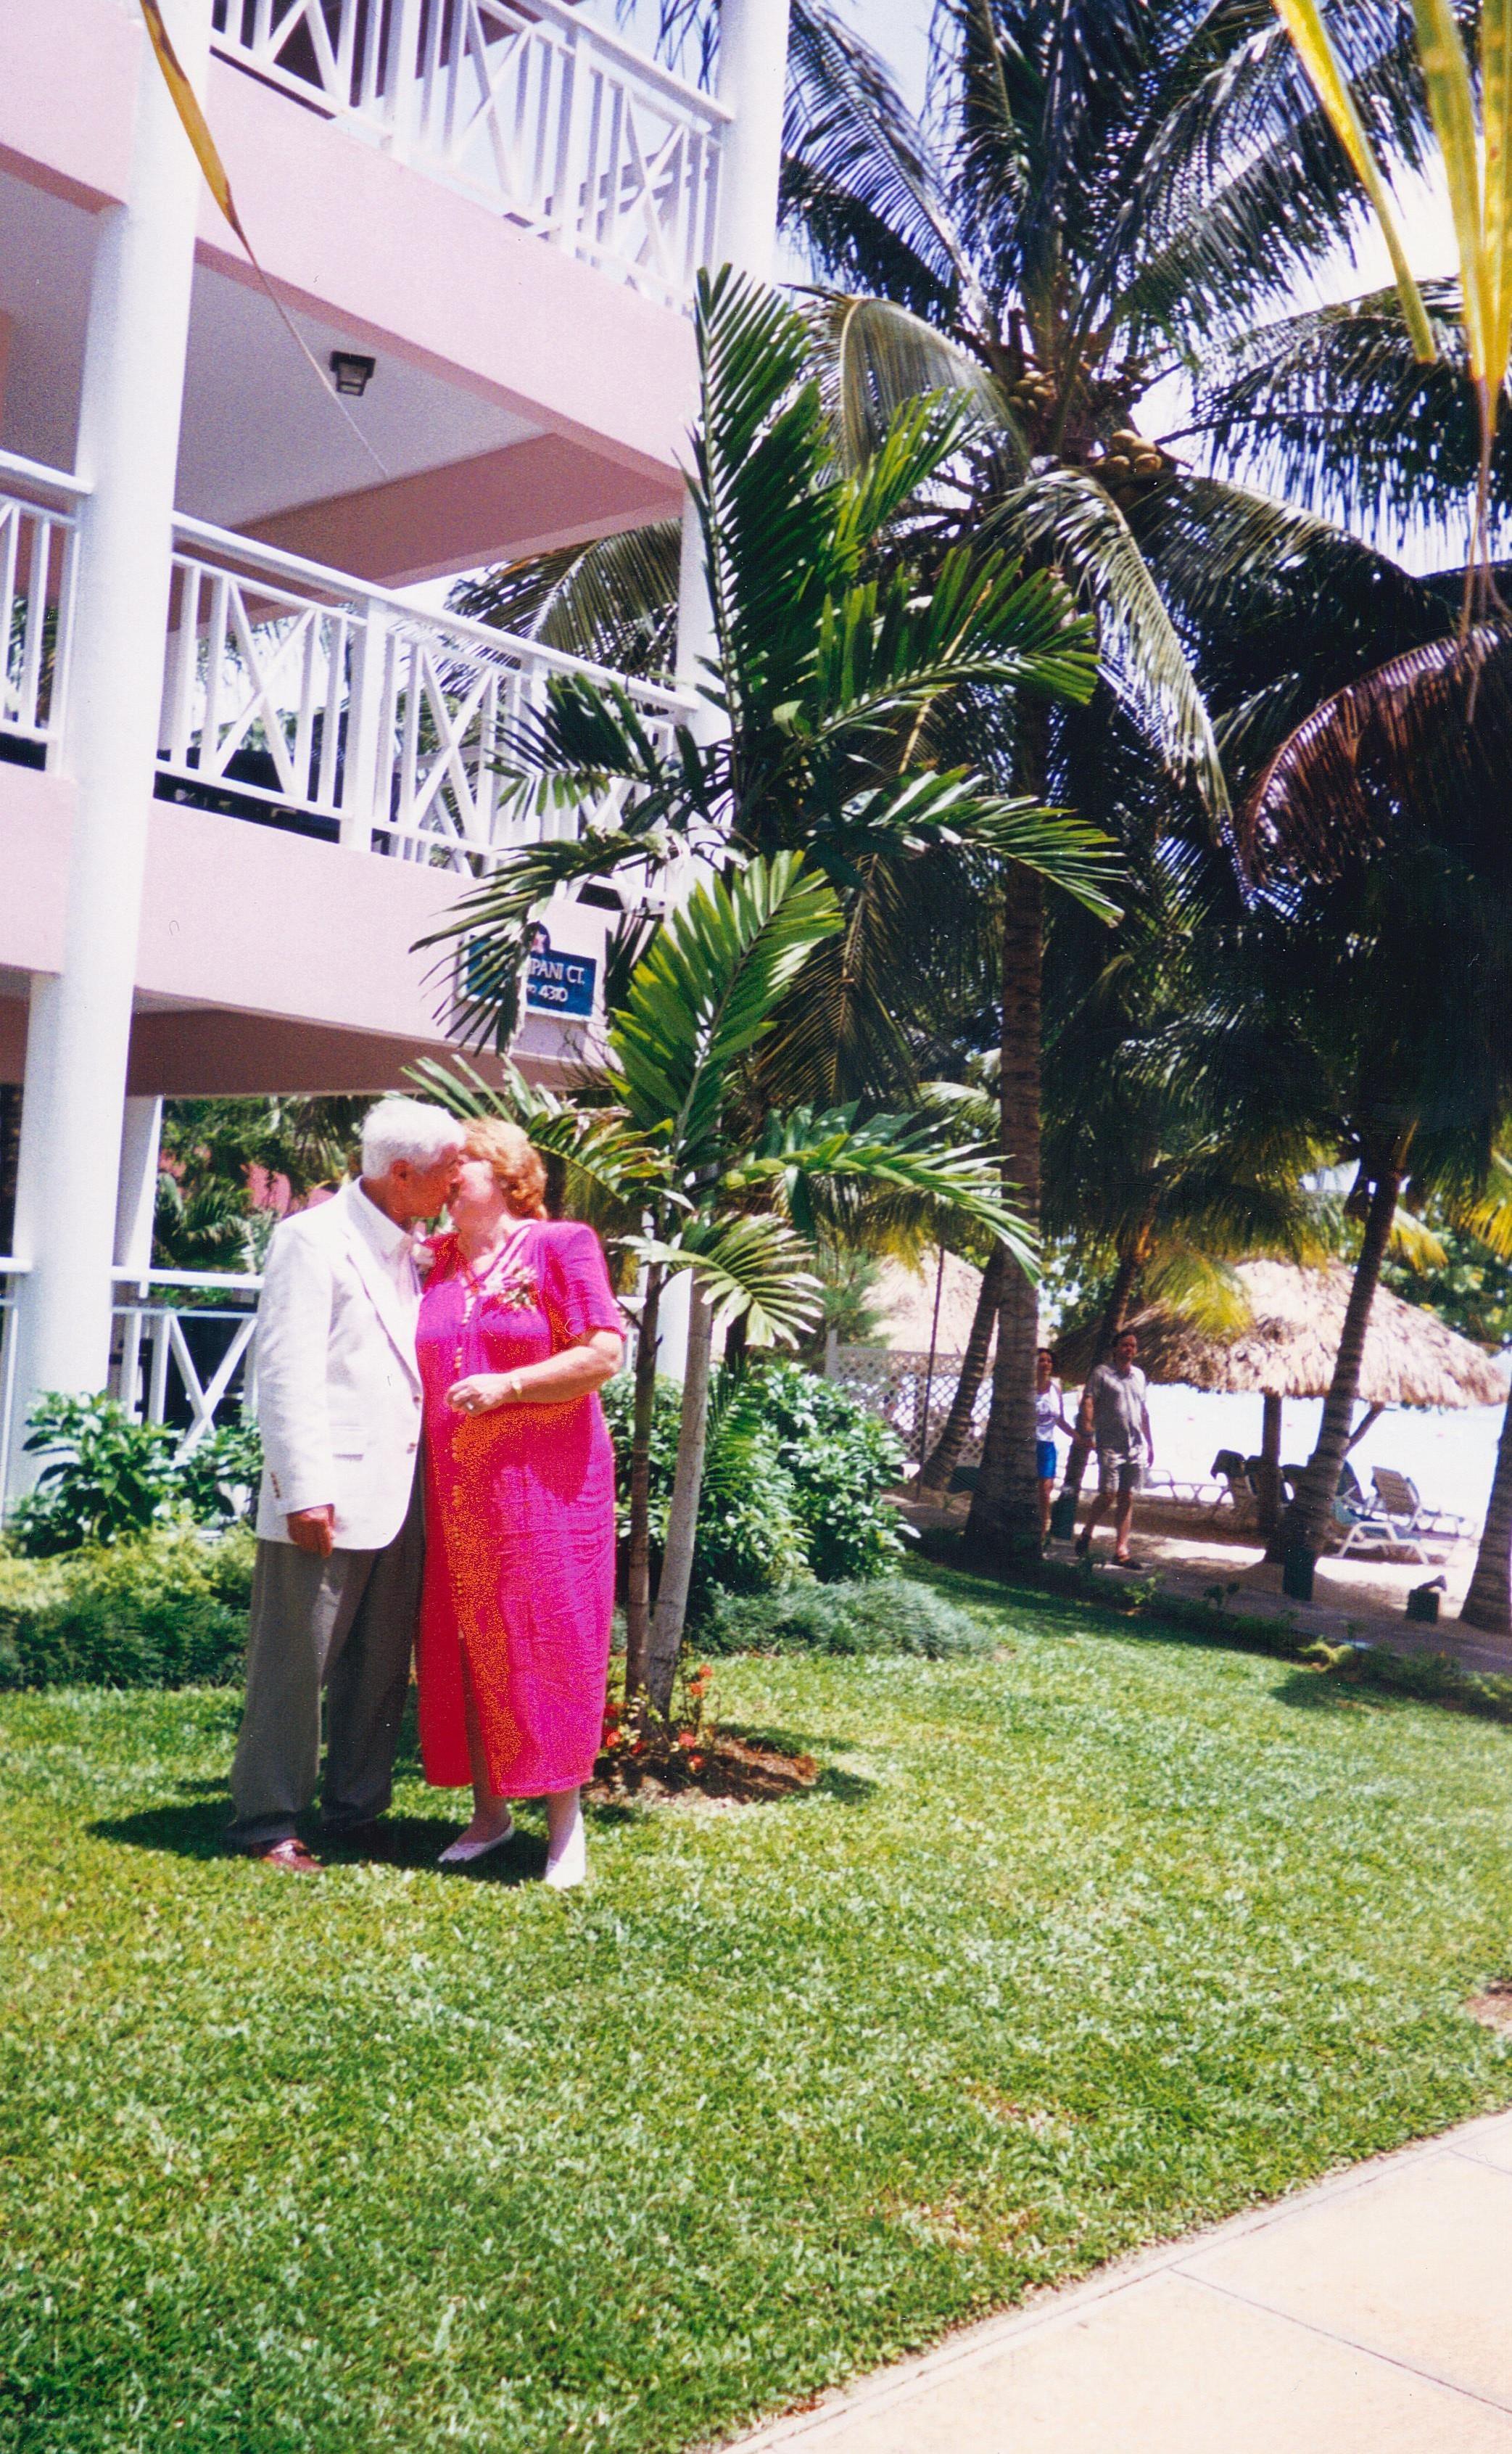 Obituary for Santo Lamancusa (Photo album)